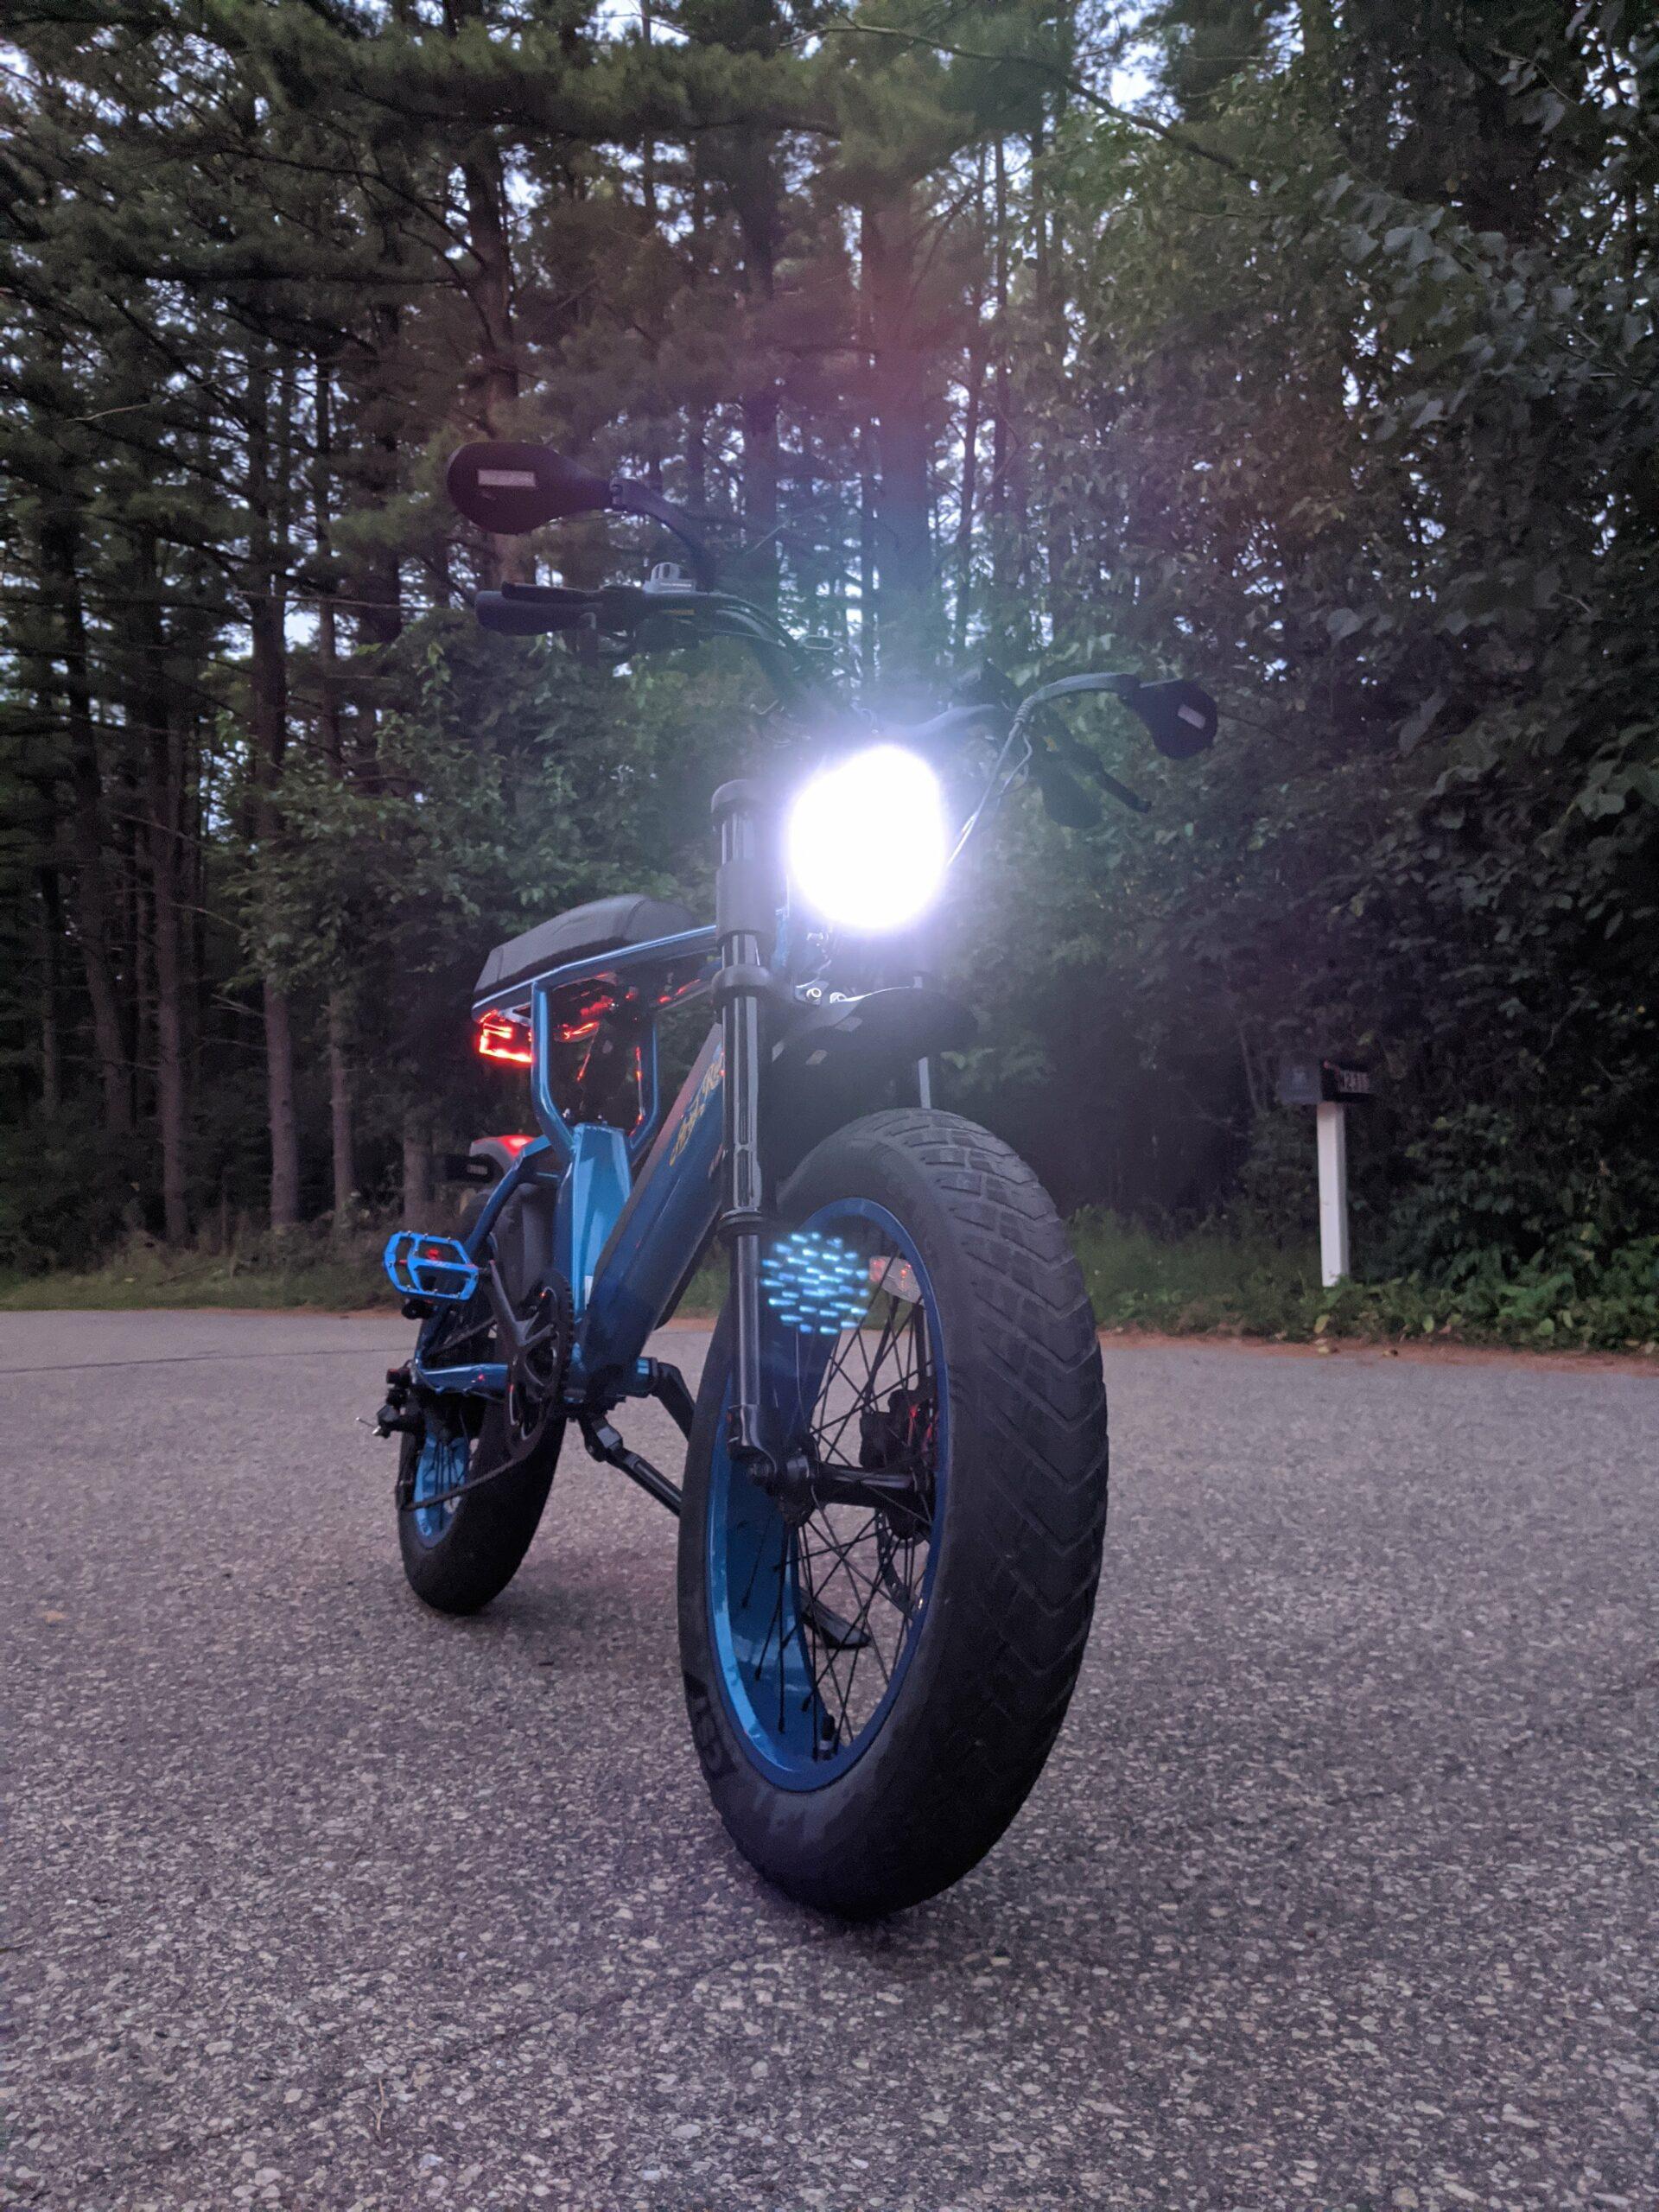 Ariel Rider X-Class Front light